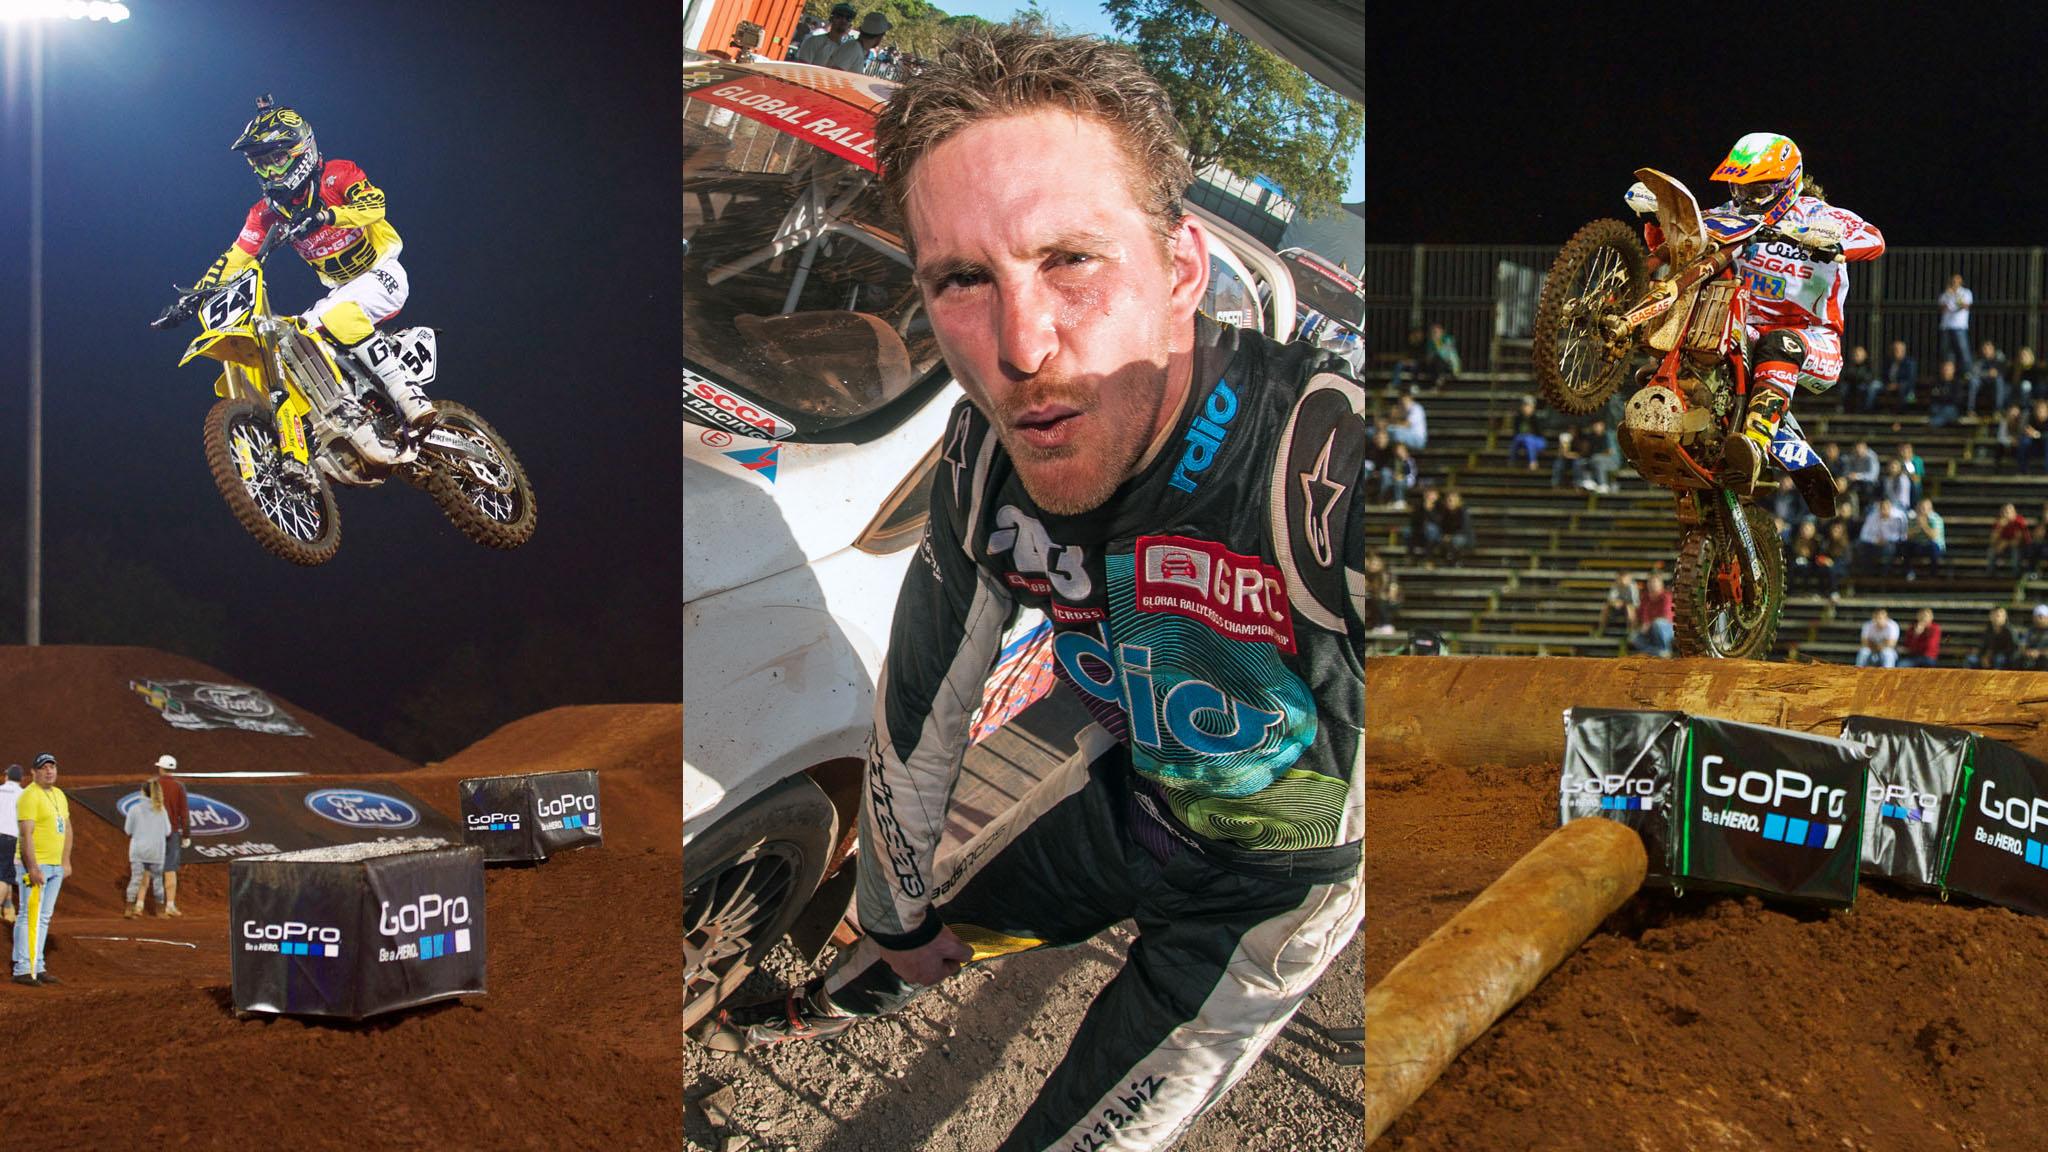 Lance Coury, Scott Speed, Laia Sanz